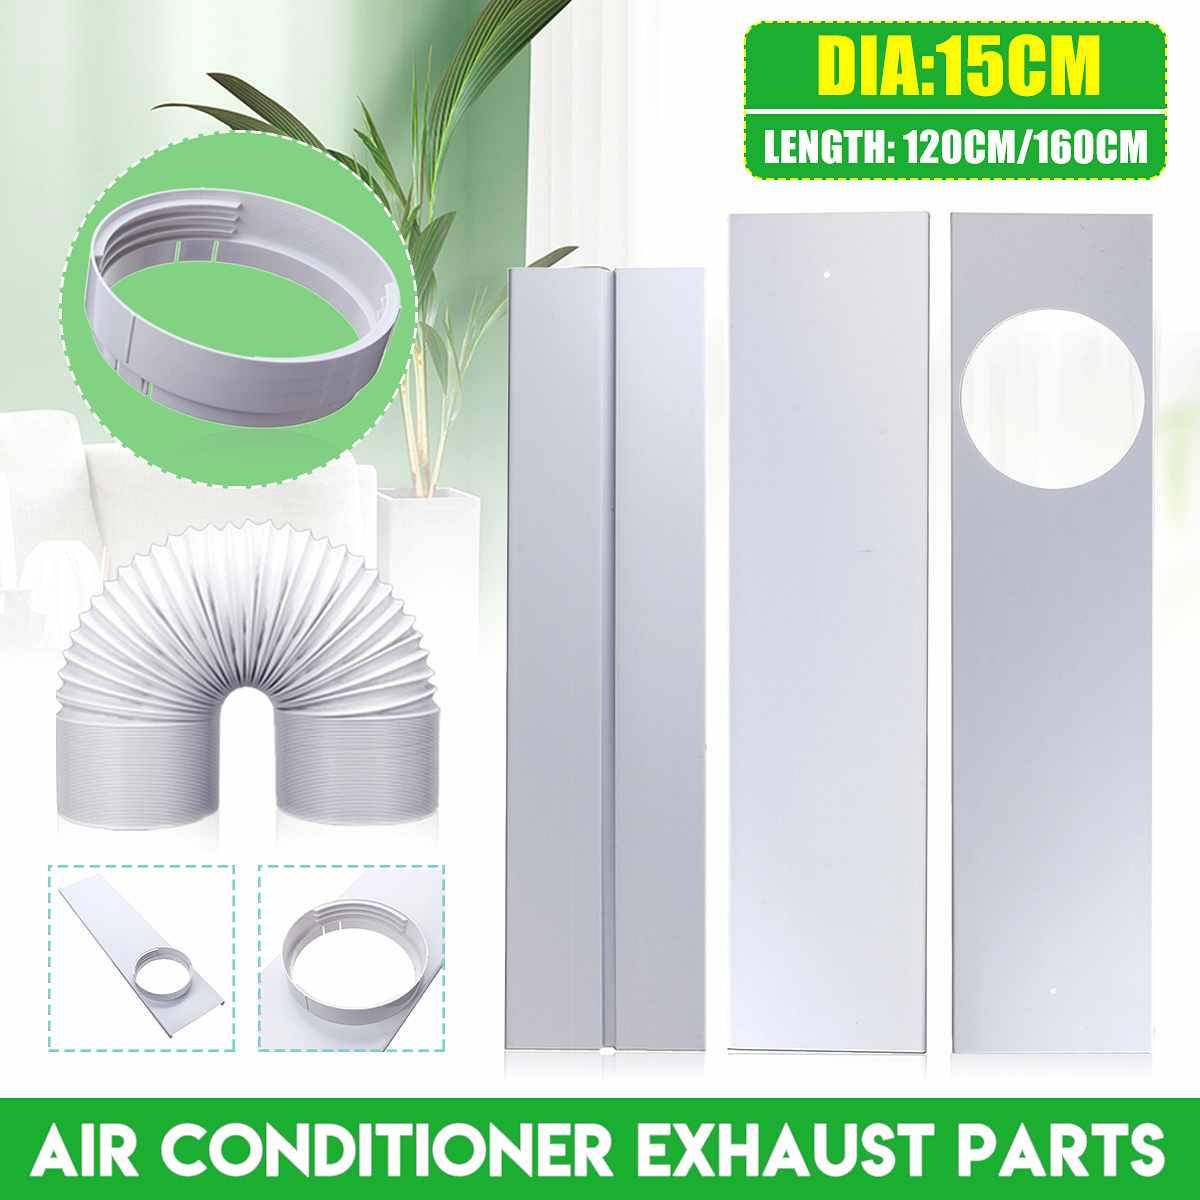 Kit de placa de sellado de ventana de PVC para aire acondicionado portátil Warmtoo, tubo de salida de tubo de escape para aire acondicionado móvil